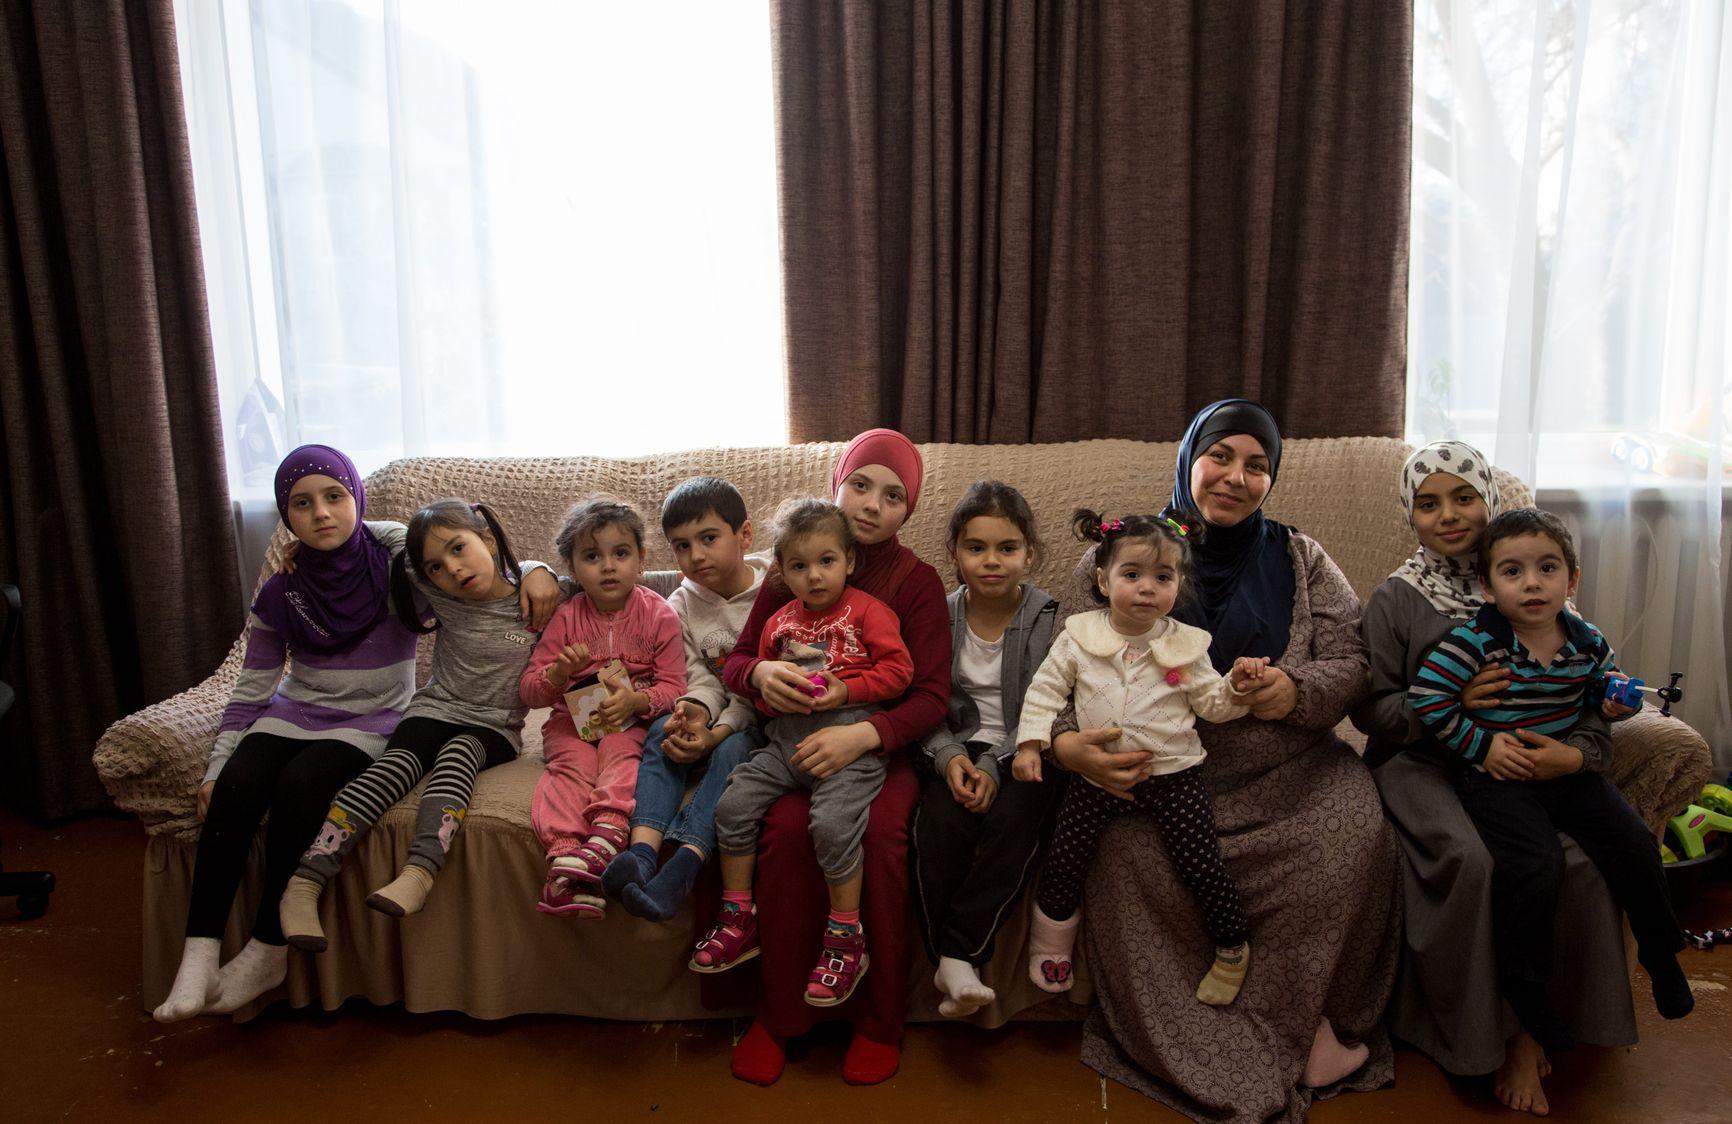 Зарема Зекирьяева с детьми. Фото с сайта «Крымскотатарский ресурсный центр»